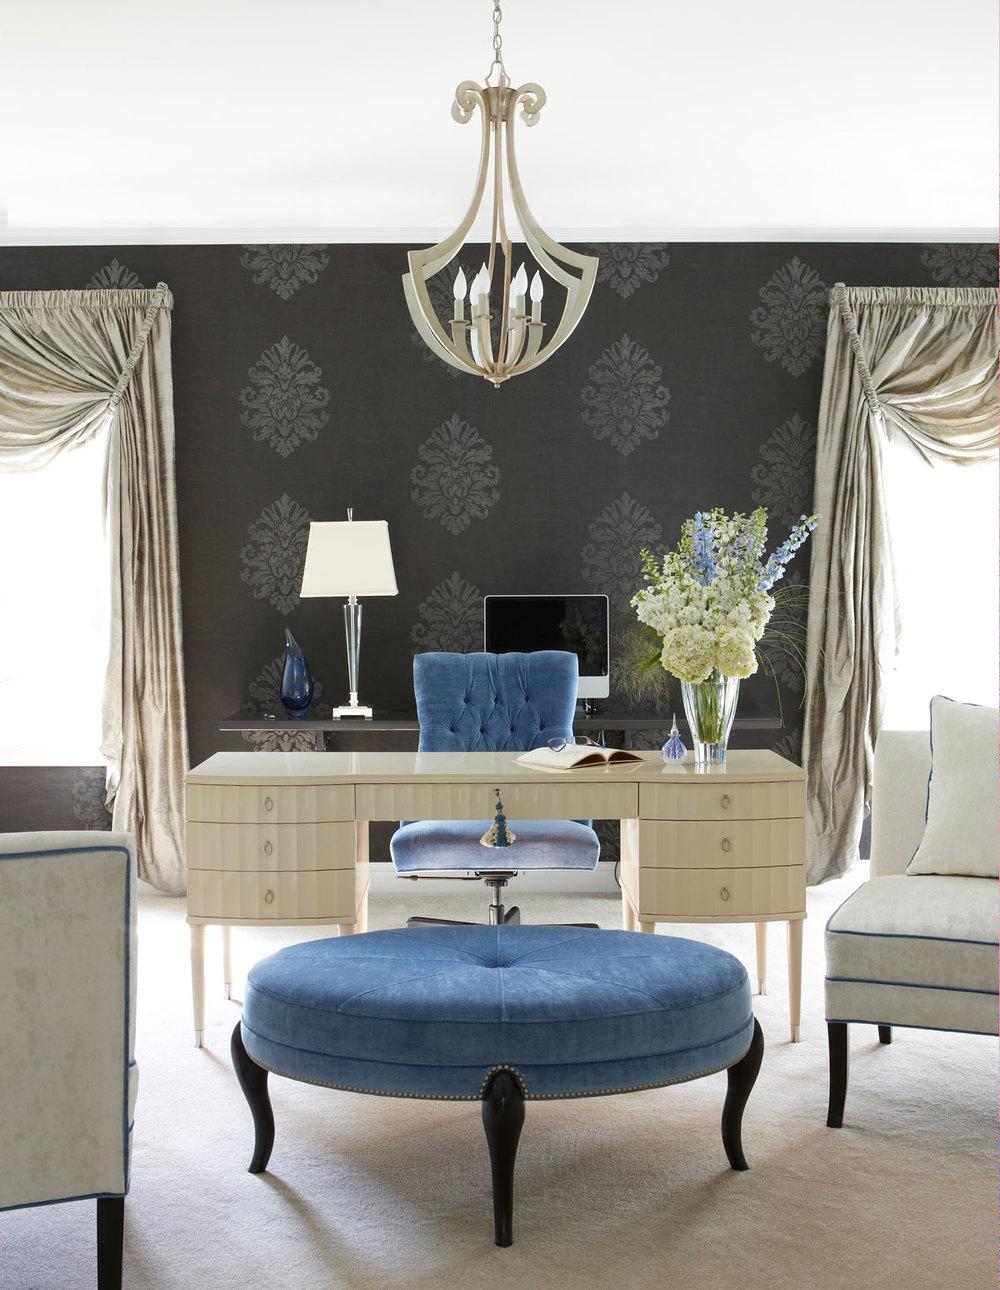 цветовые схемы интерьера цветовые схемы интерьера Цветовые схемы интерьера для домашнего офиса  format 1000w